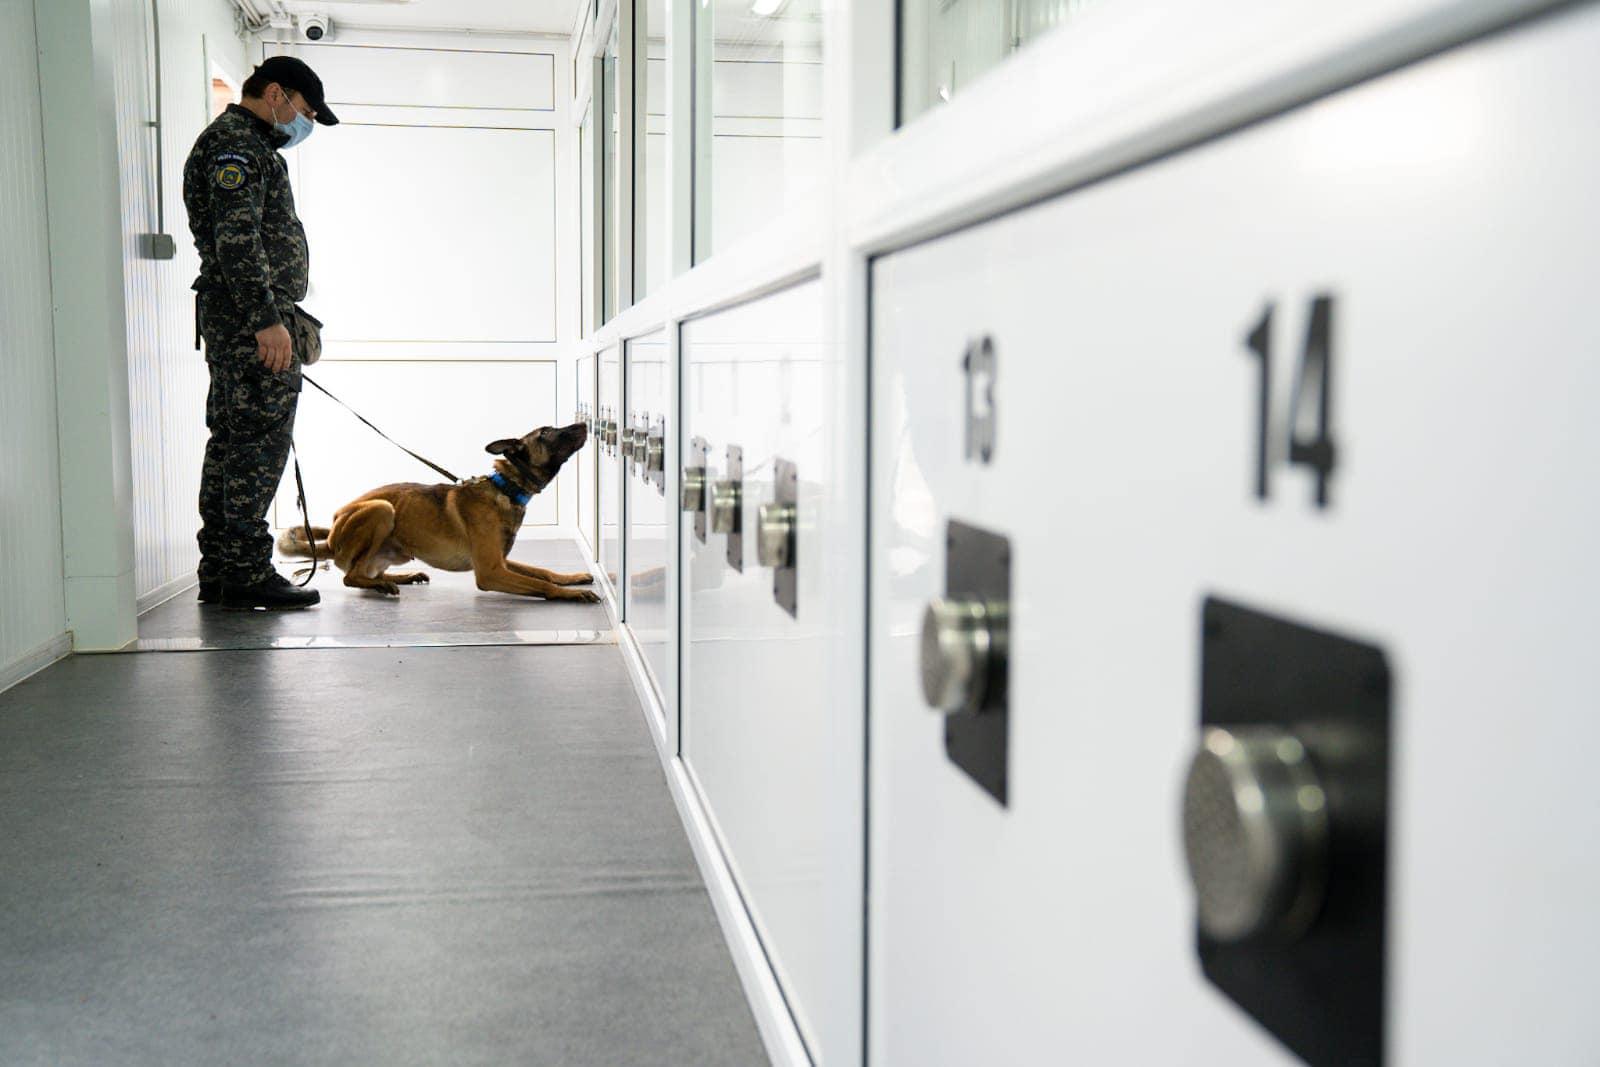 Persoanele care ajung în aeroportul Sibiu, verificate de câini dresați să depisteze infecția cu COVID